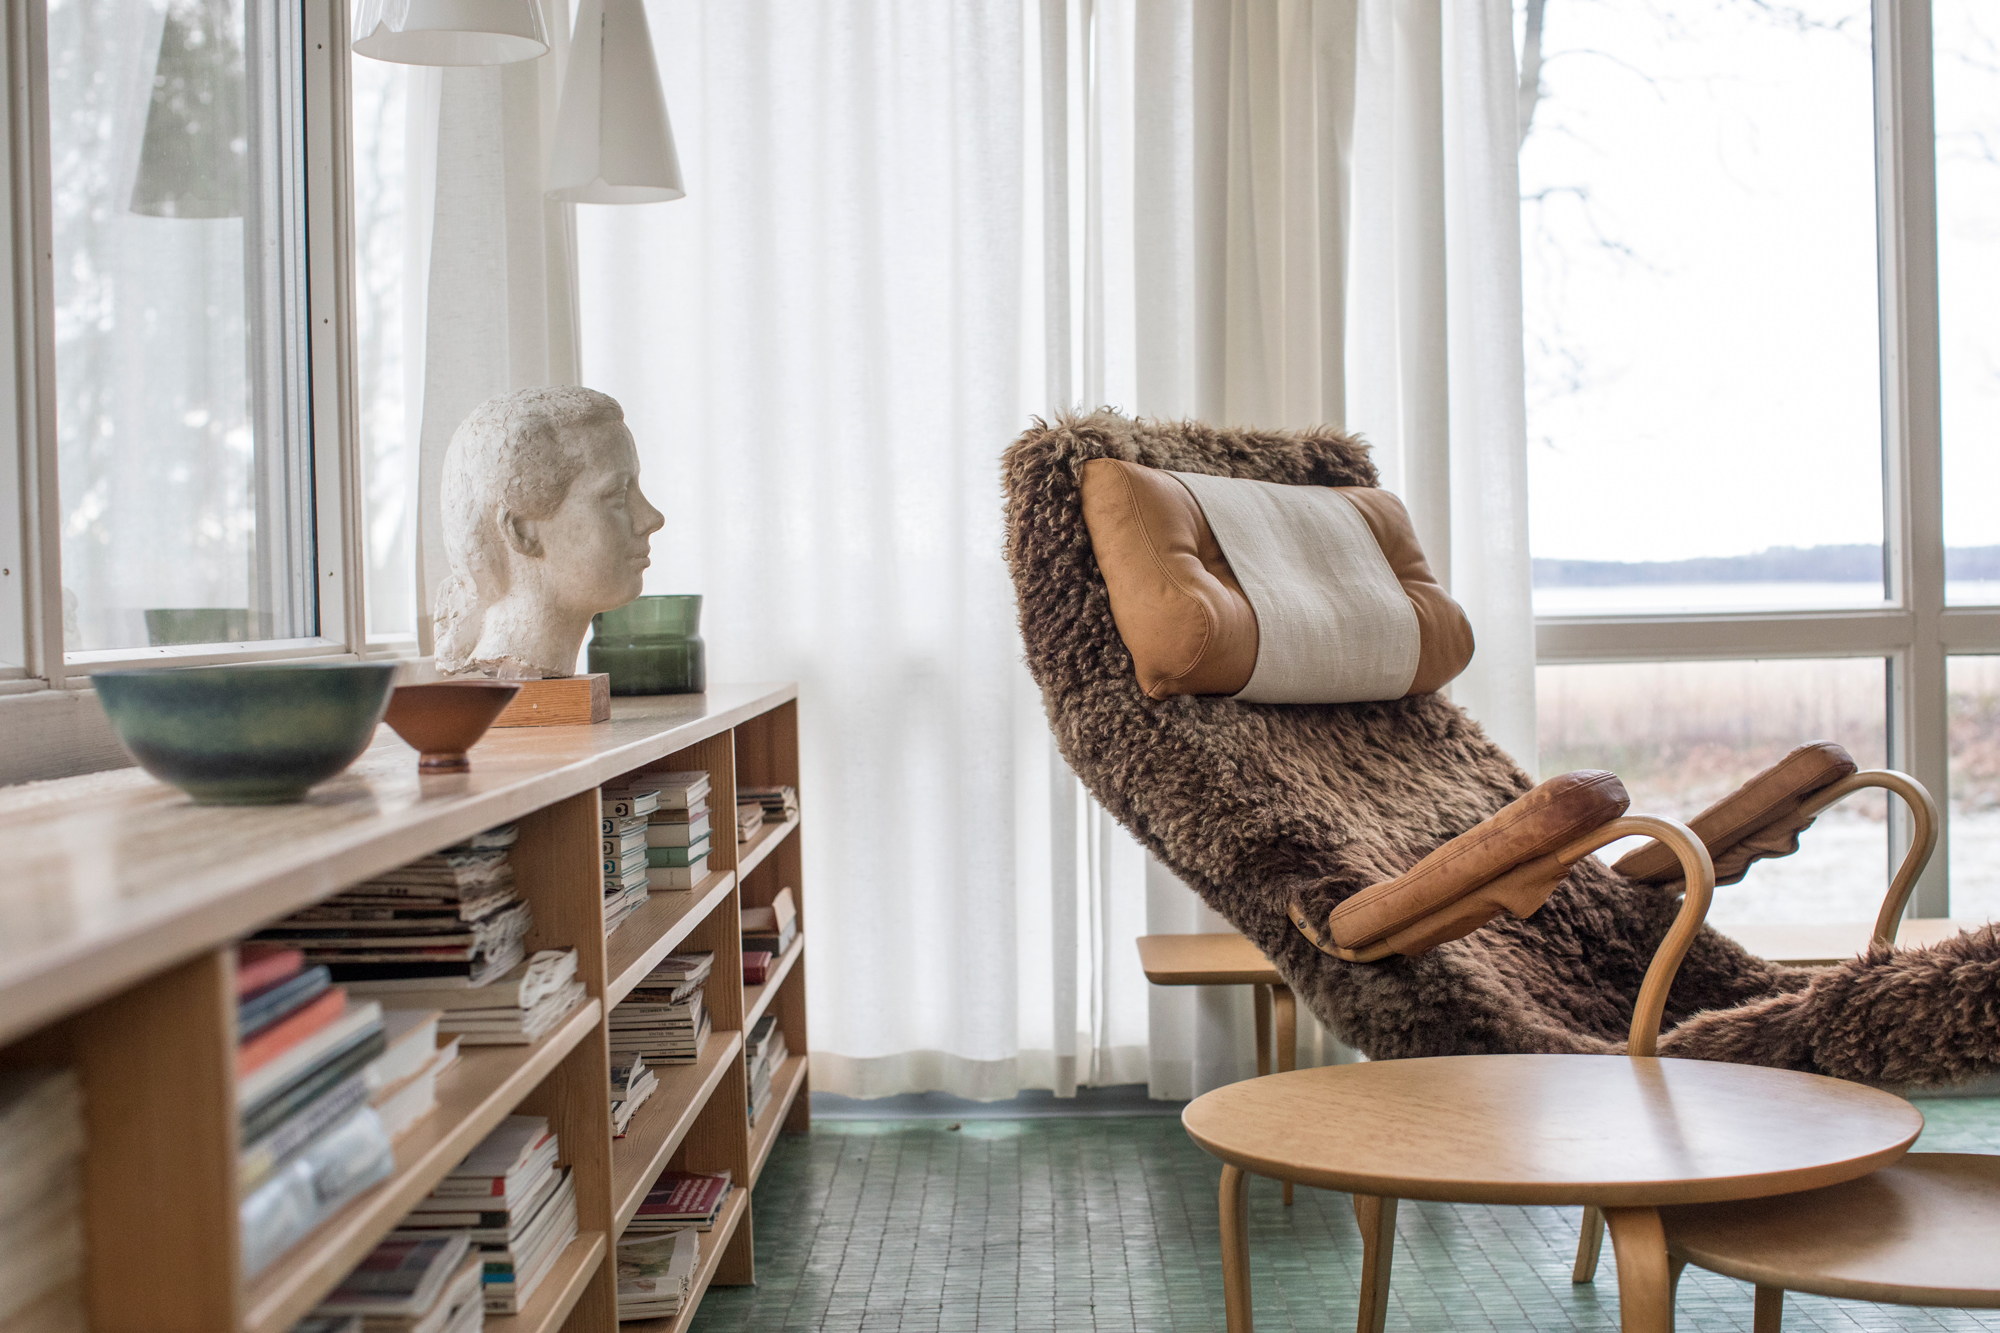 Småländsk möbeldesign är känd över hela världen, foto av Tina Stafrén